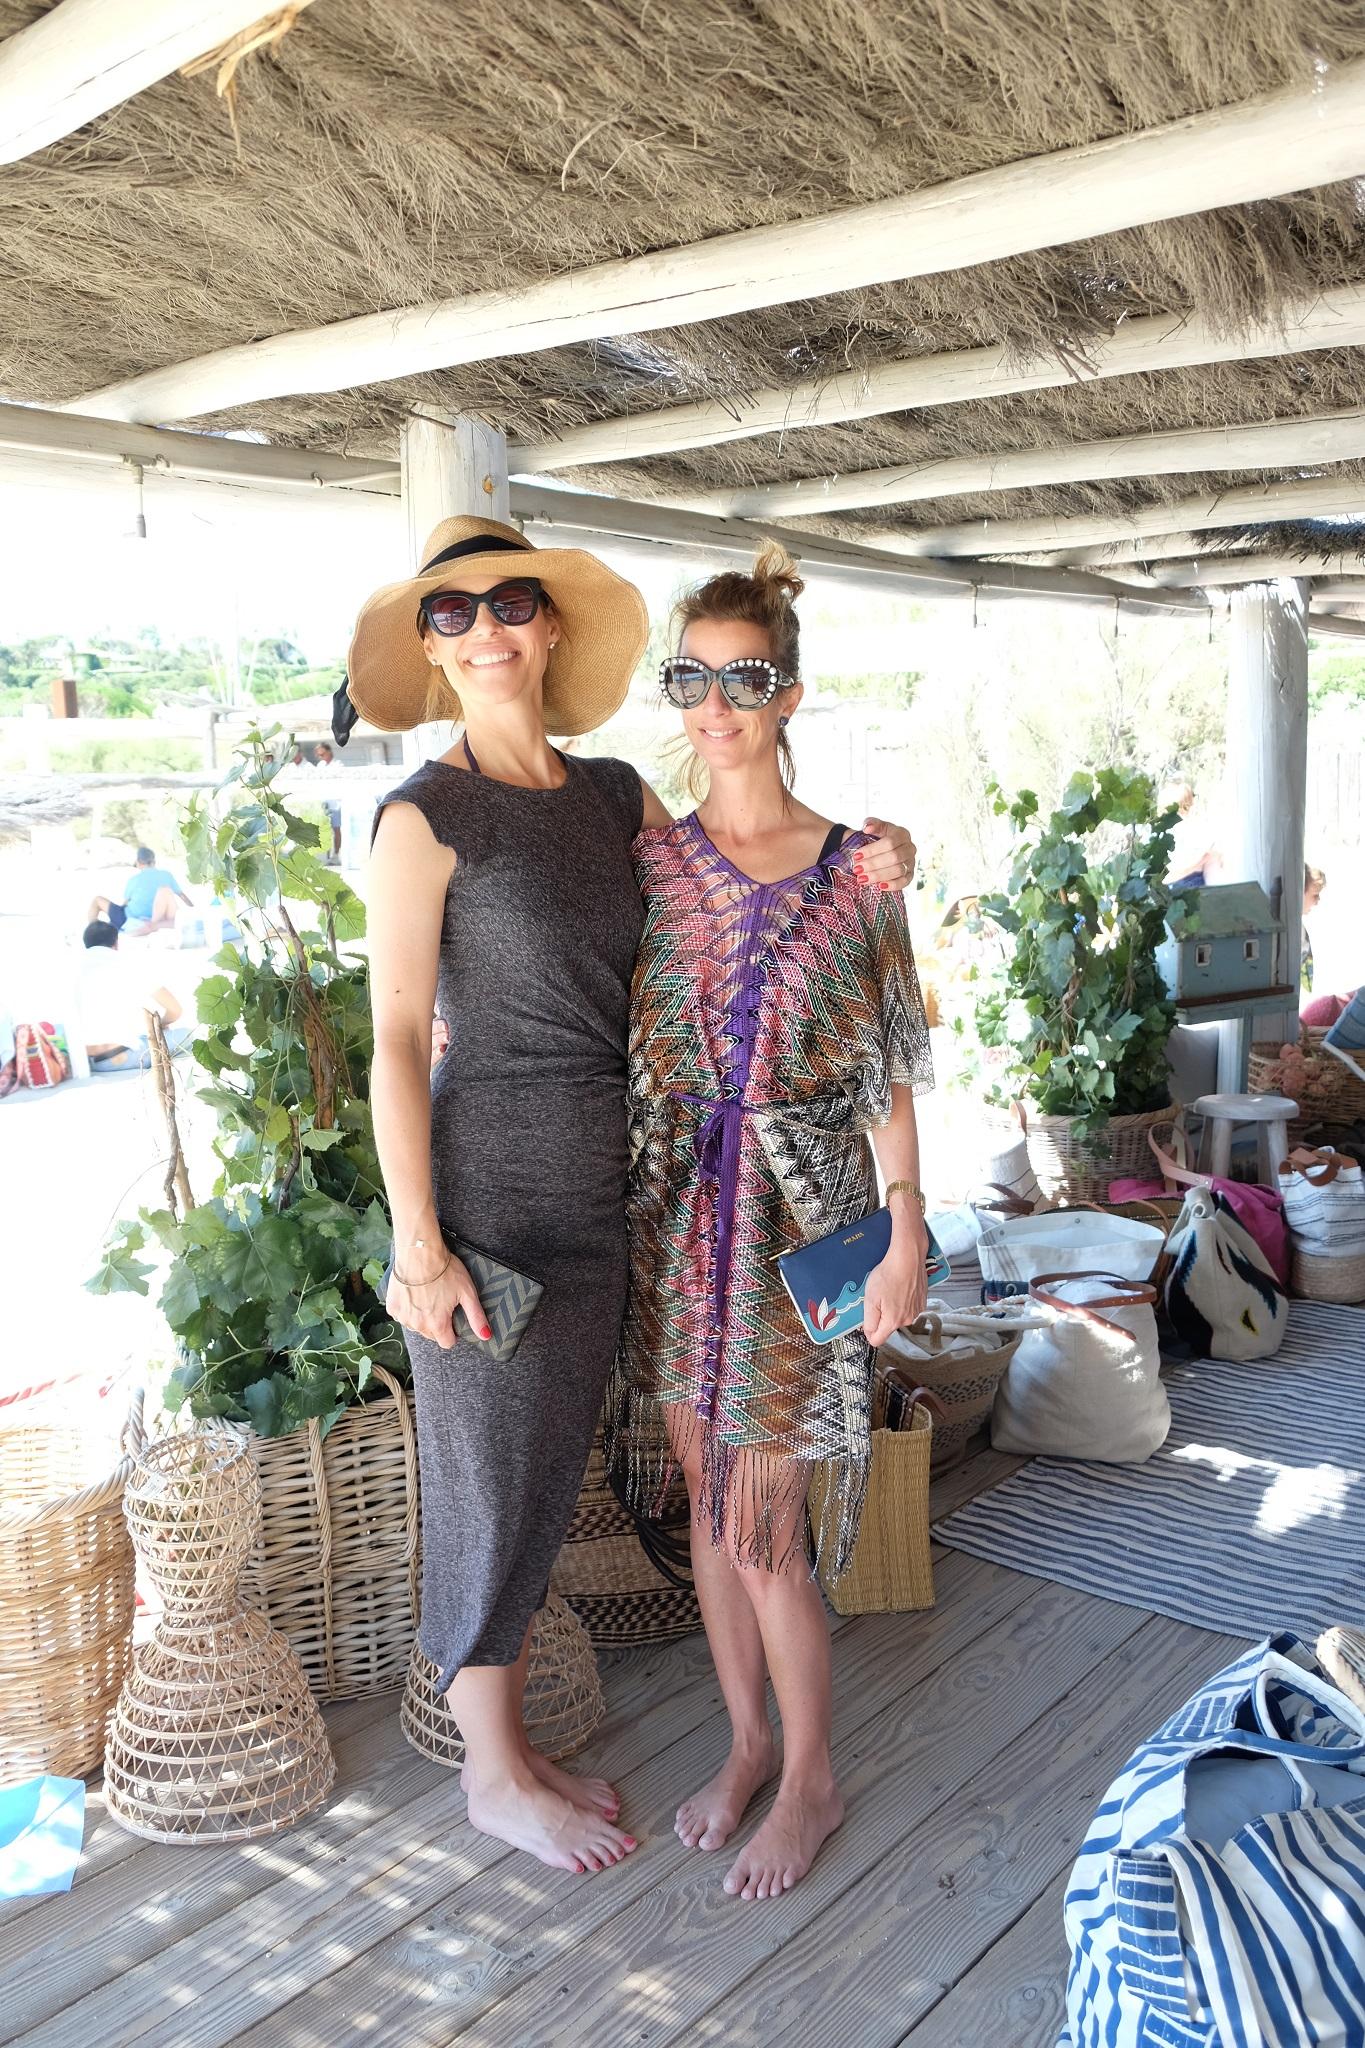 Beach Style Club 55, Club 55 Beachstyle, Beachtrend, Strandmode, Beach look, beach outfit, Fashion Blog, Lieblingsstil